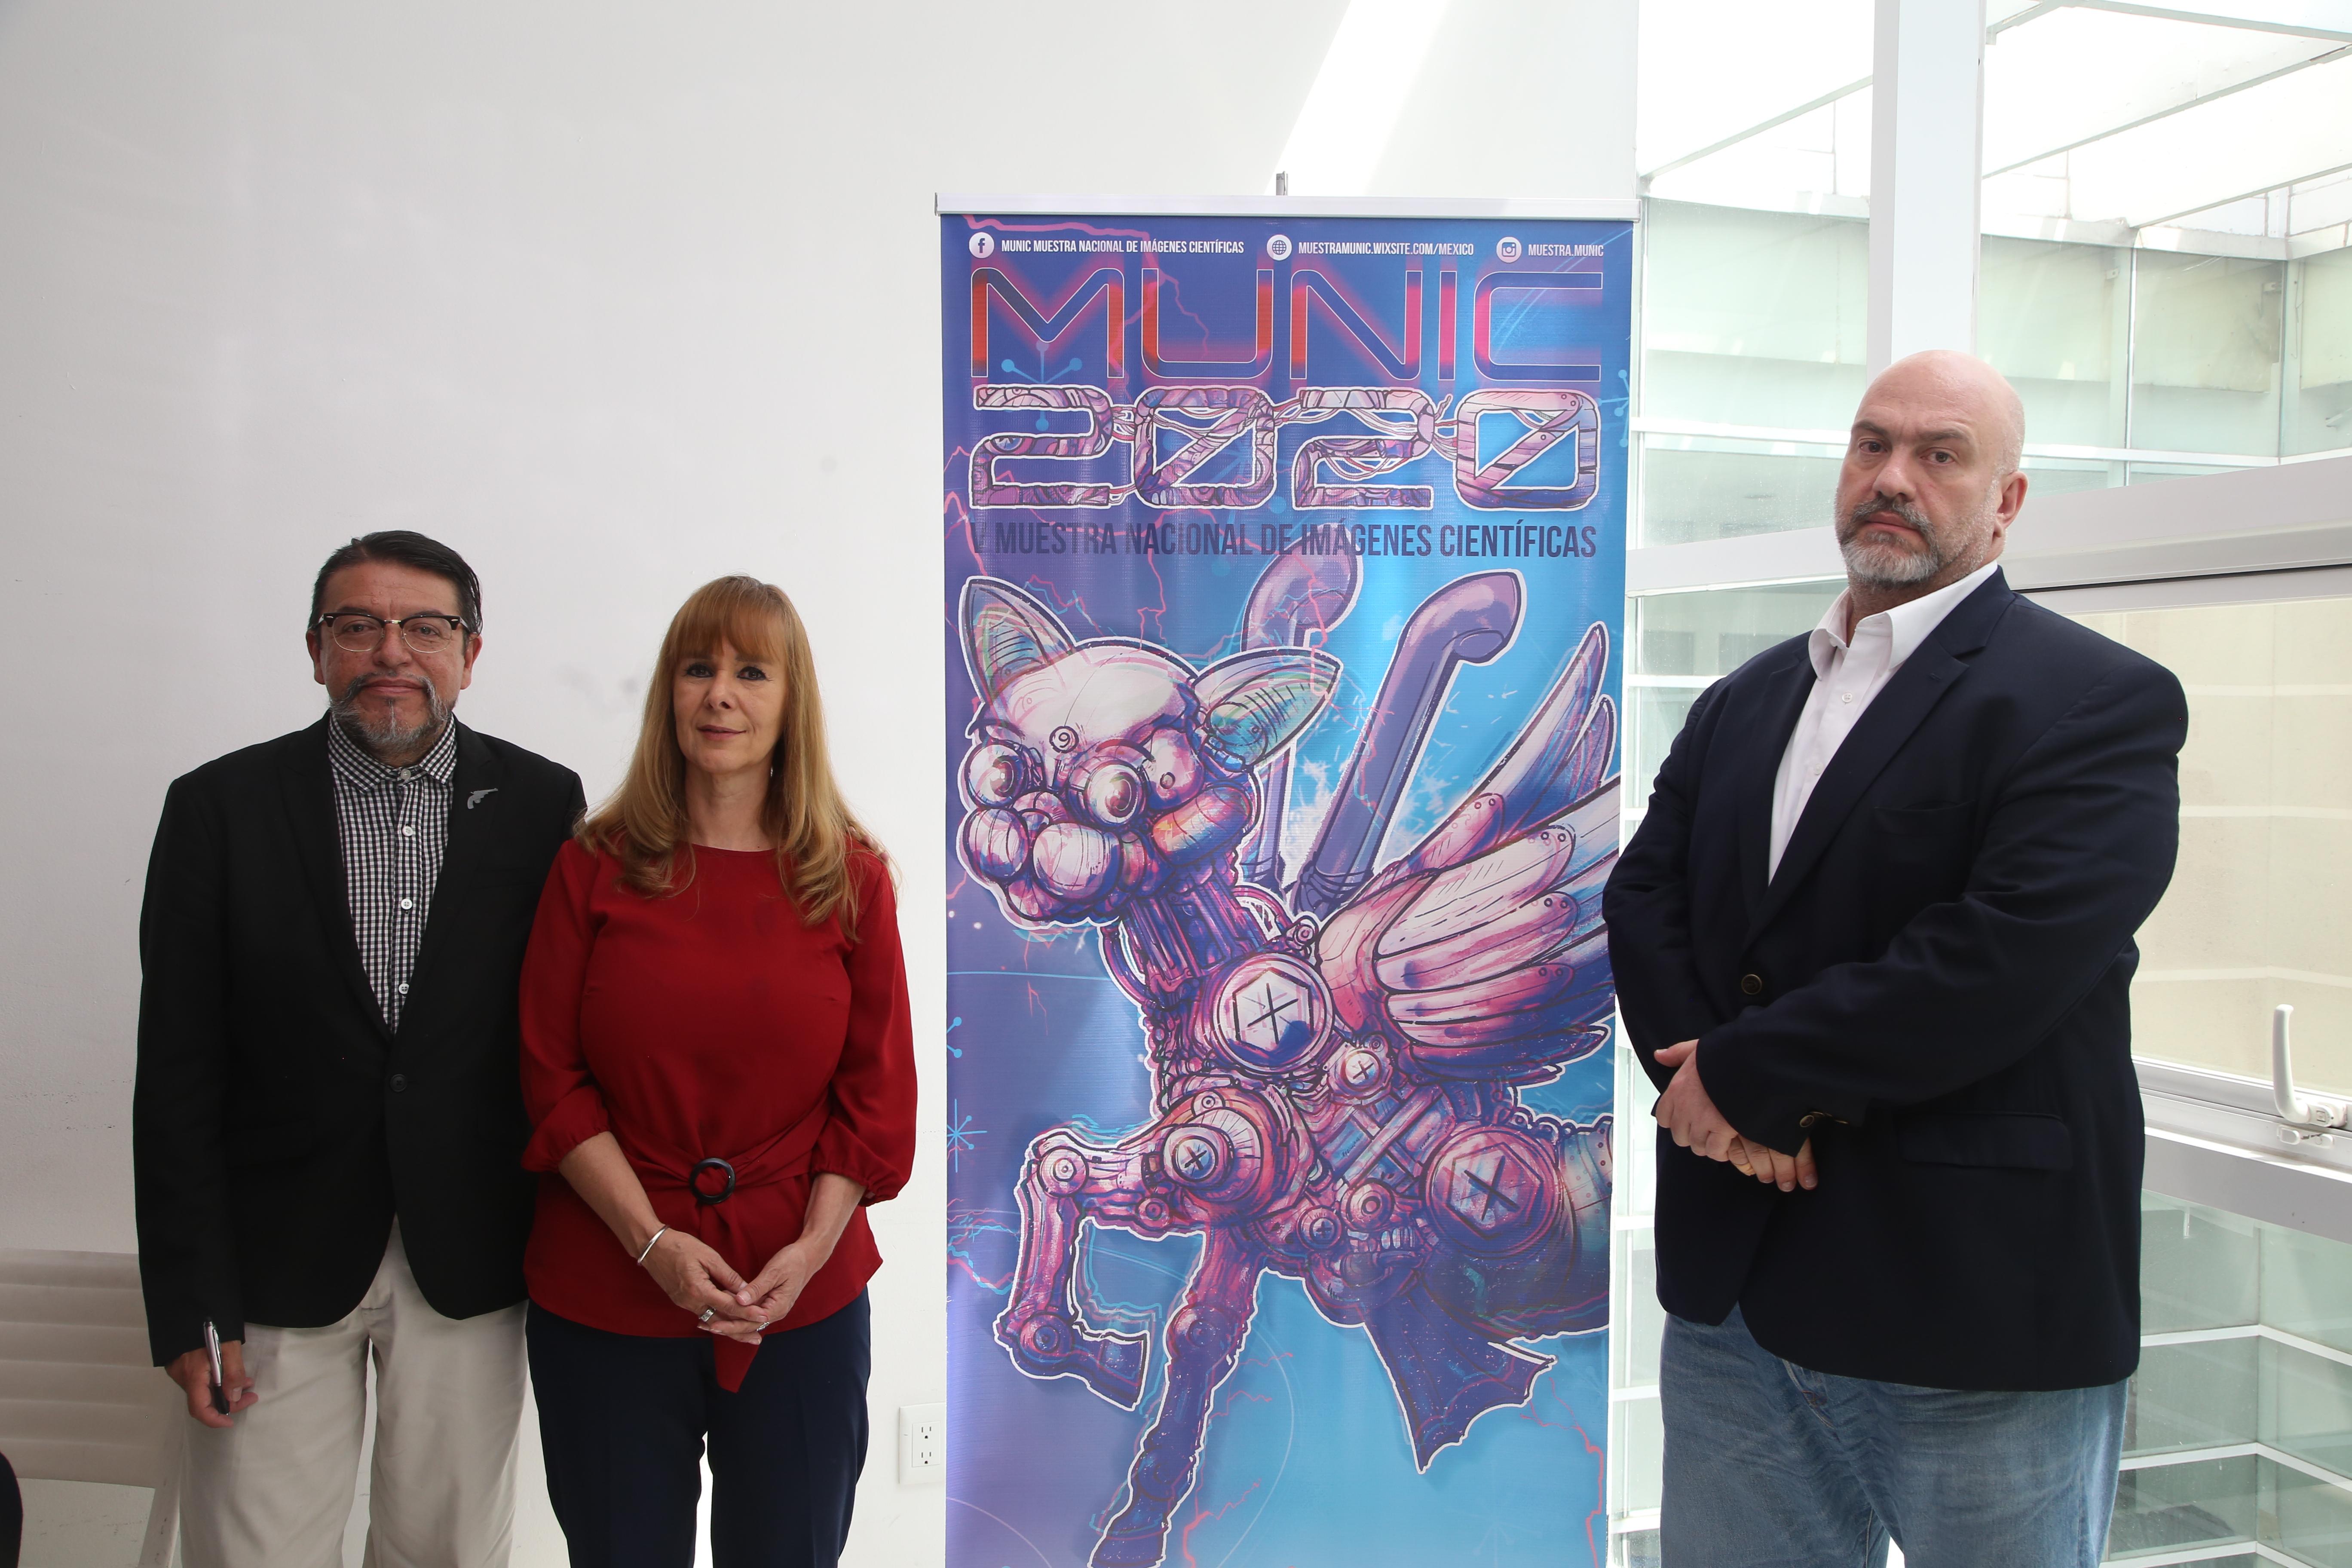 Alejandro Alonso, director asociado de la MUNIC, Roxana Eisenmann, directora general de la MUNIC y Hugo Villa Smythe, director general de actividades cinematográficas de la Filmoteca de la UNAM.